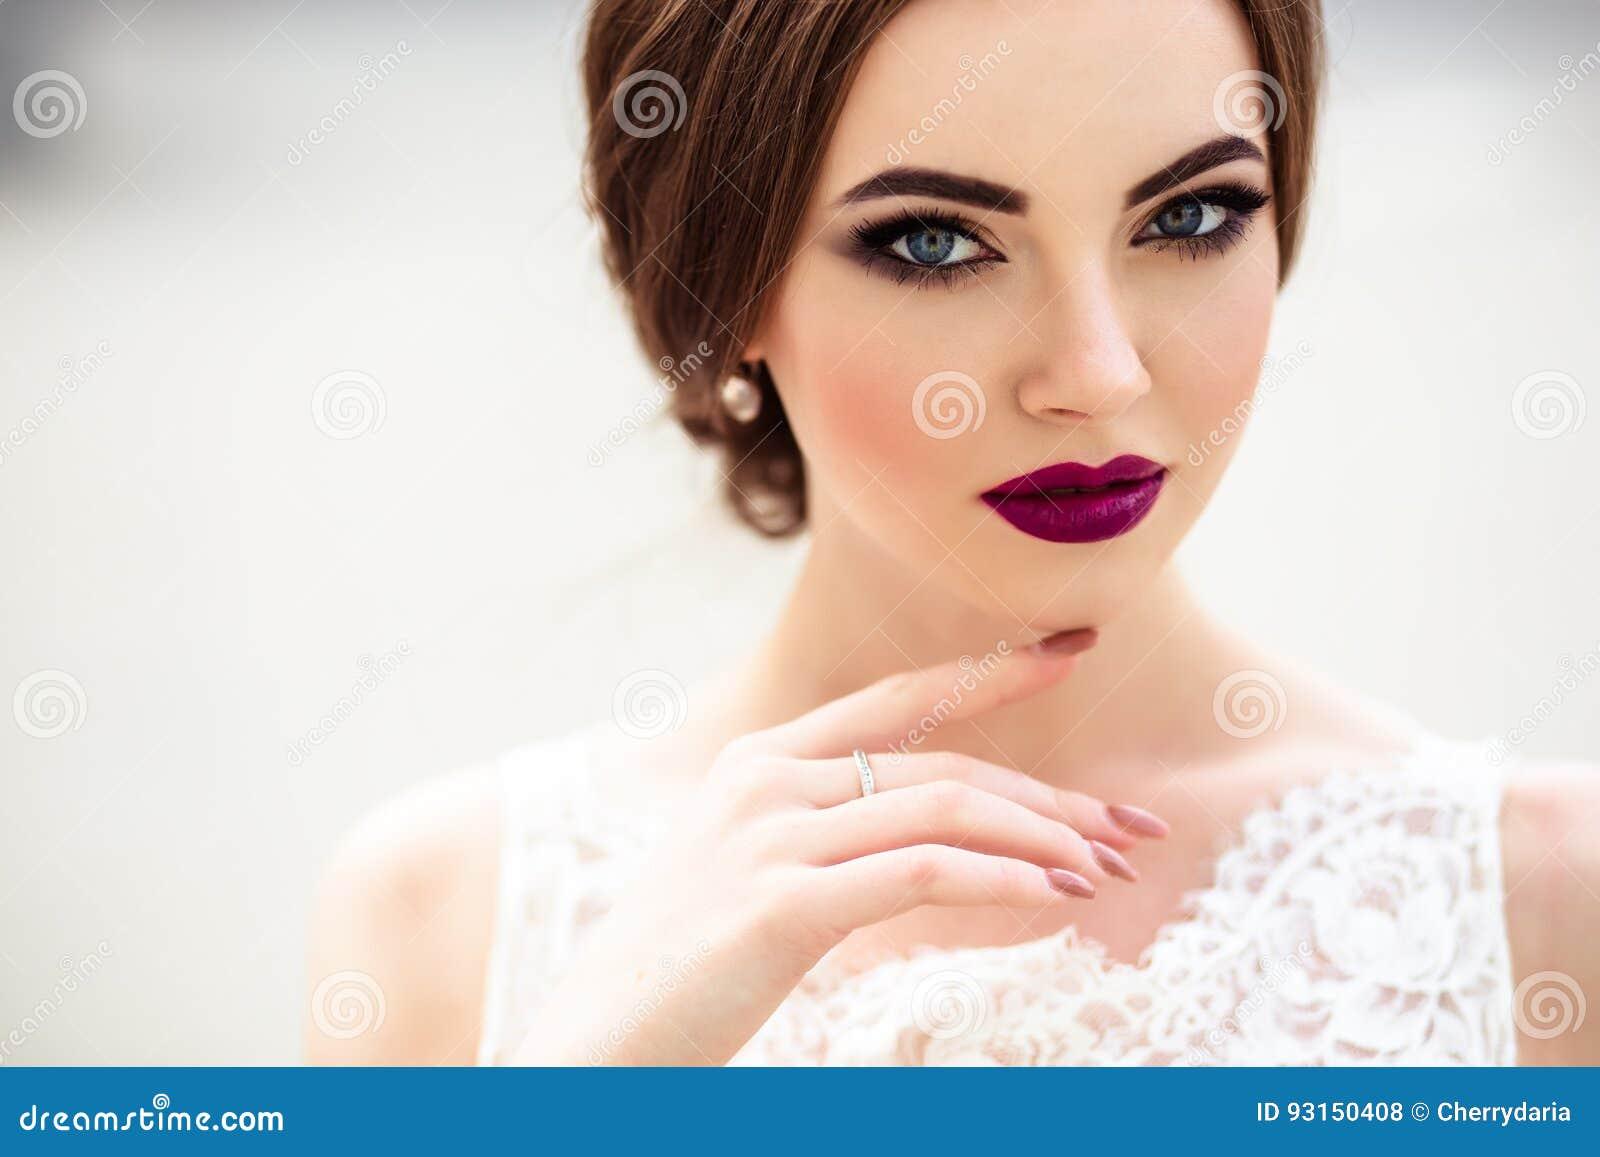 Sposa splendida con trucco di modo e acconciatura in un vestito da sposa di lusso